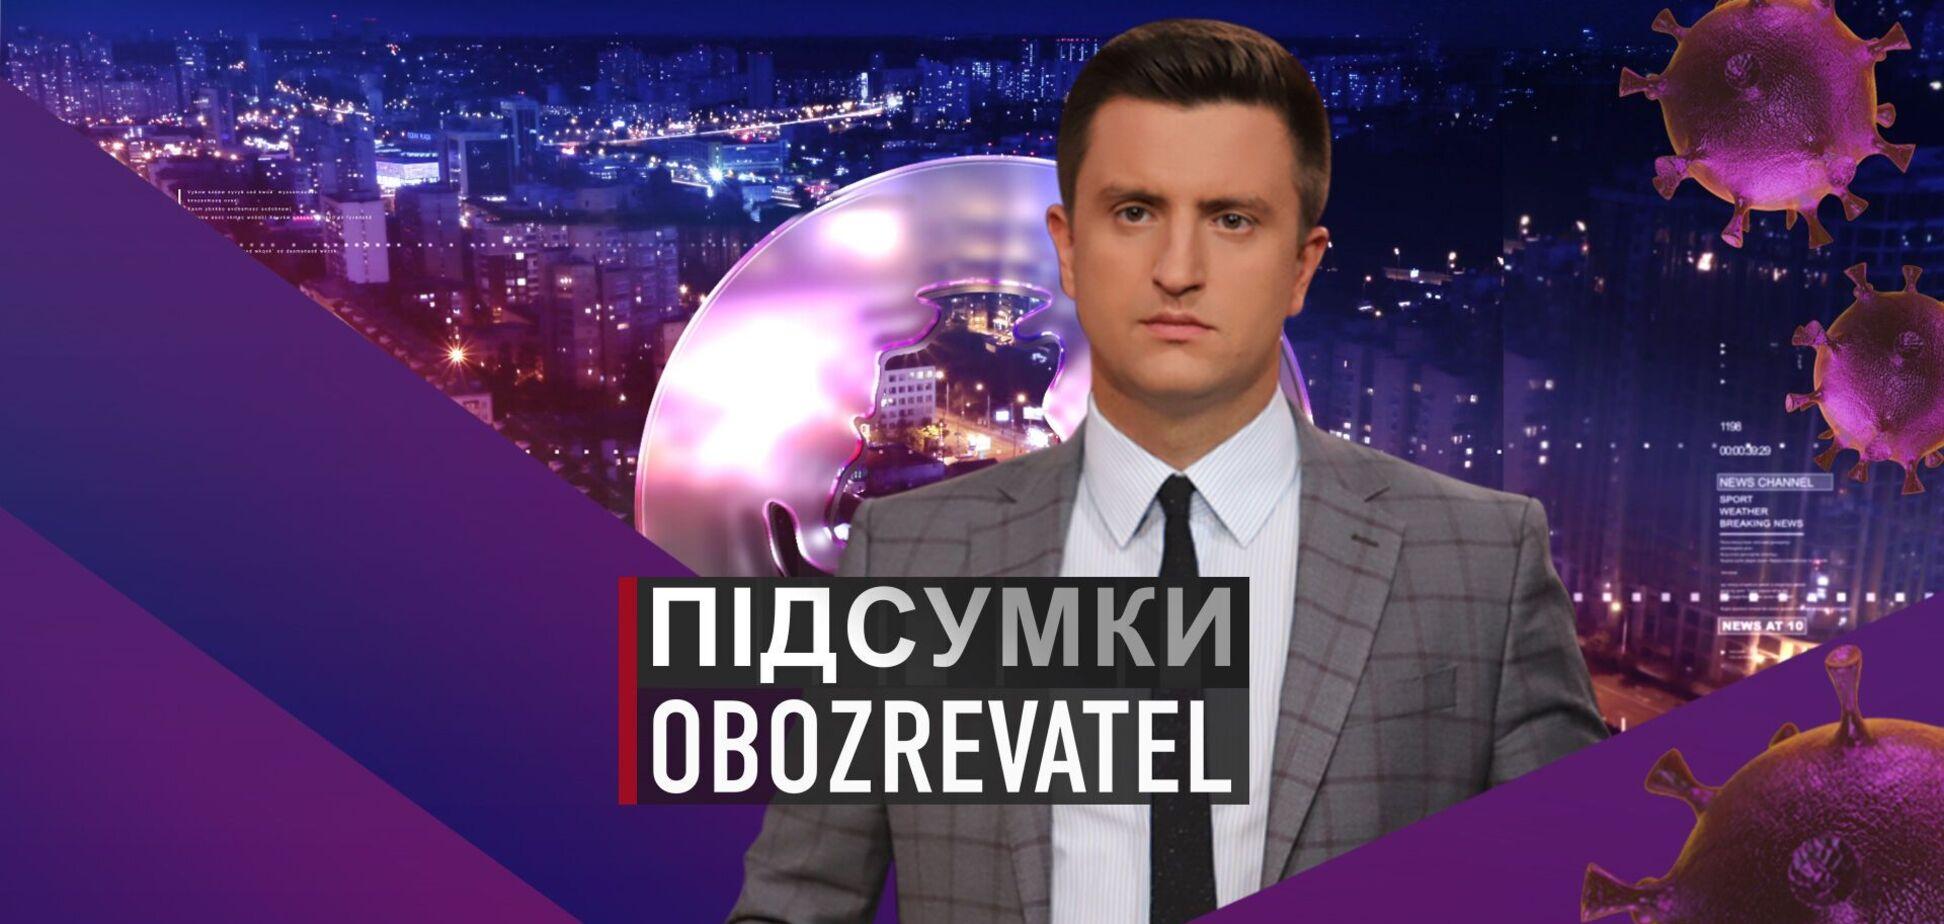 Підсумки з Вадимом Колодійчуком. Вівторок, 28 вересня